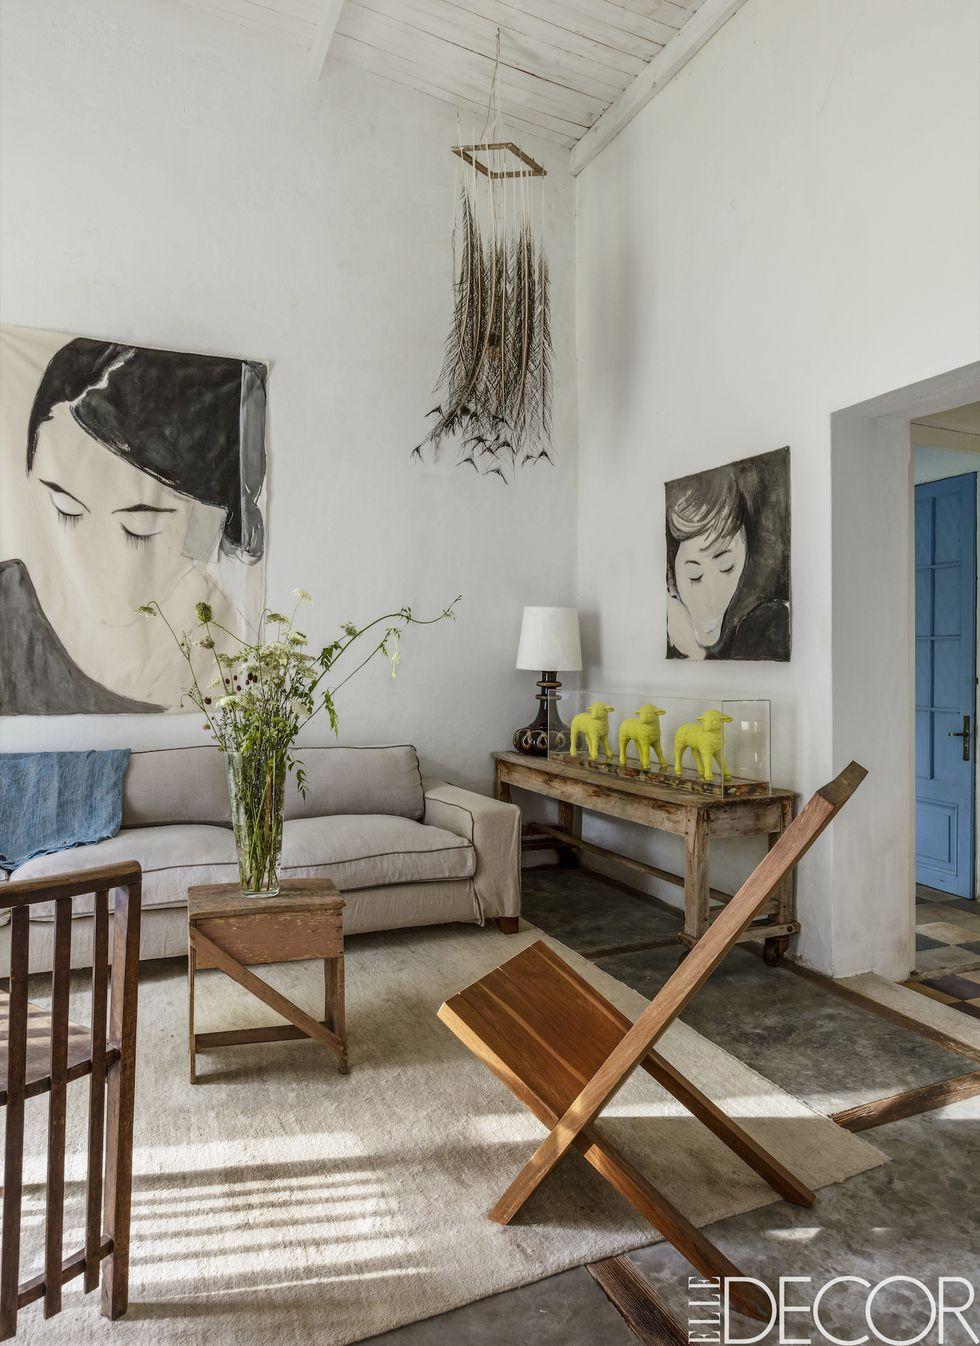 56 lovely living room design ideas best modern living room decor rh elledecor com best design for living room ceiling best design for living room ceiling